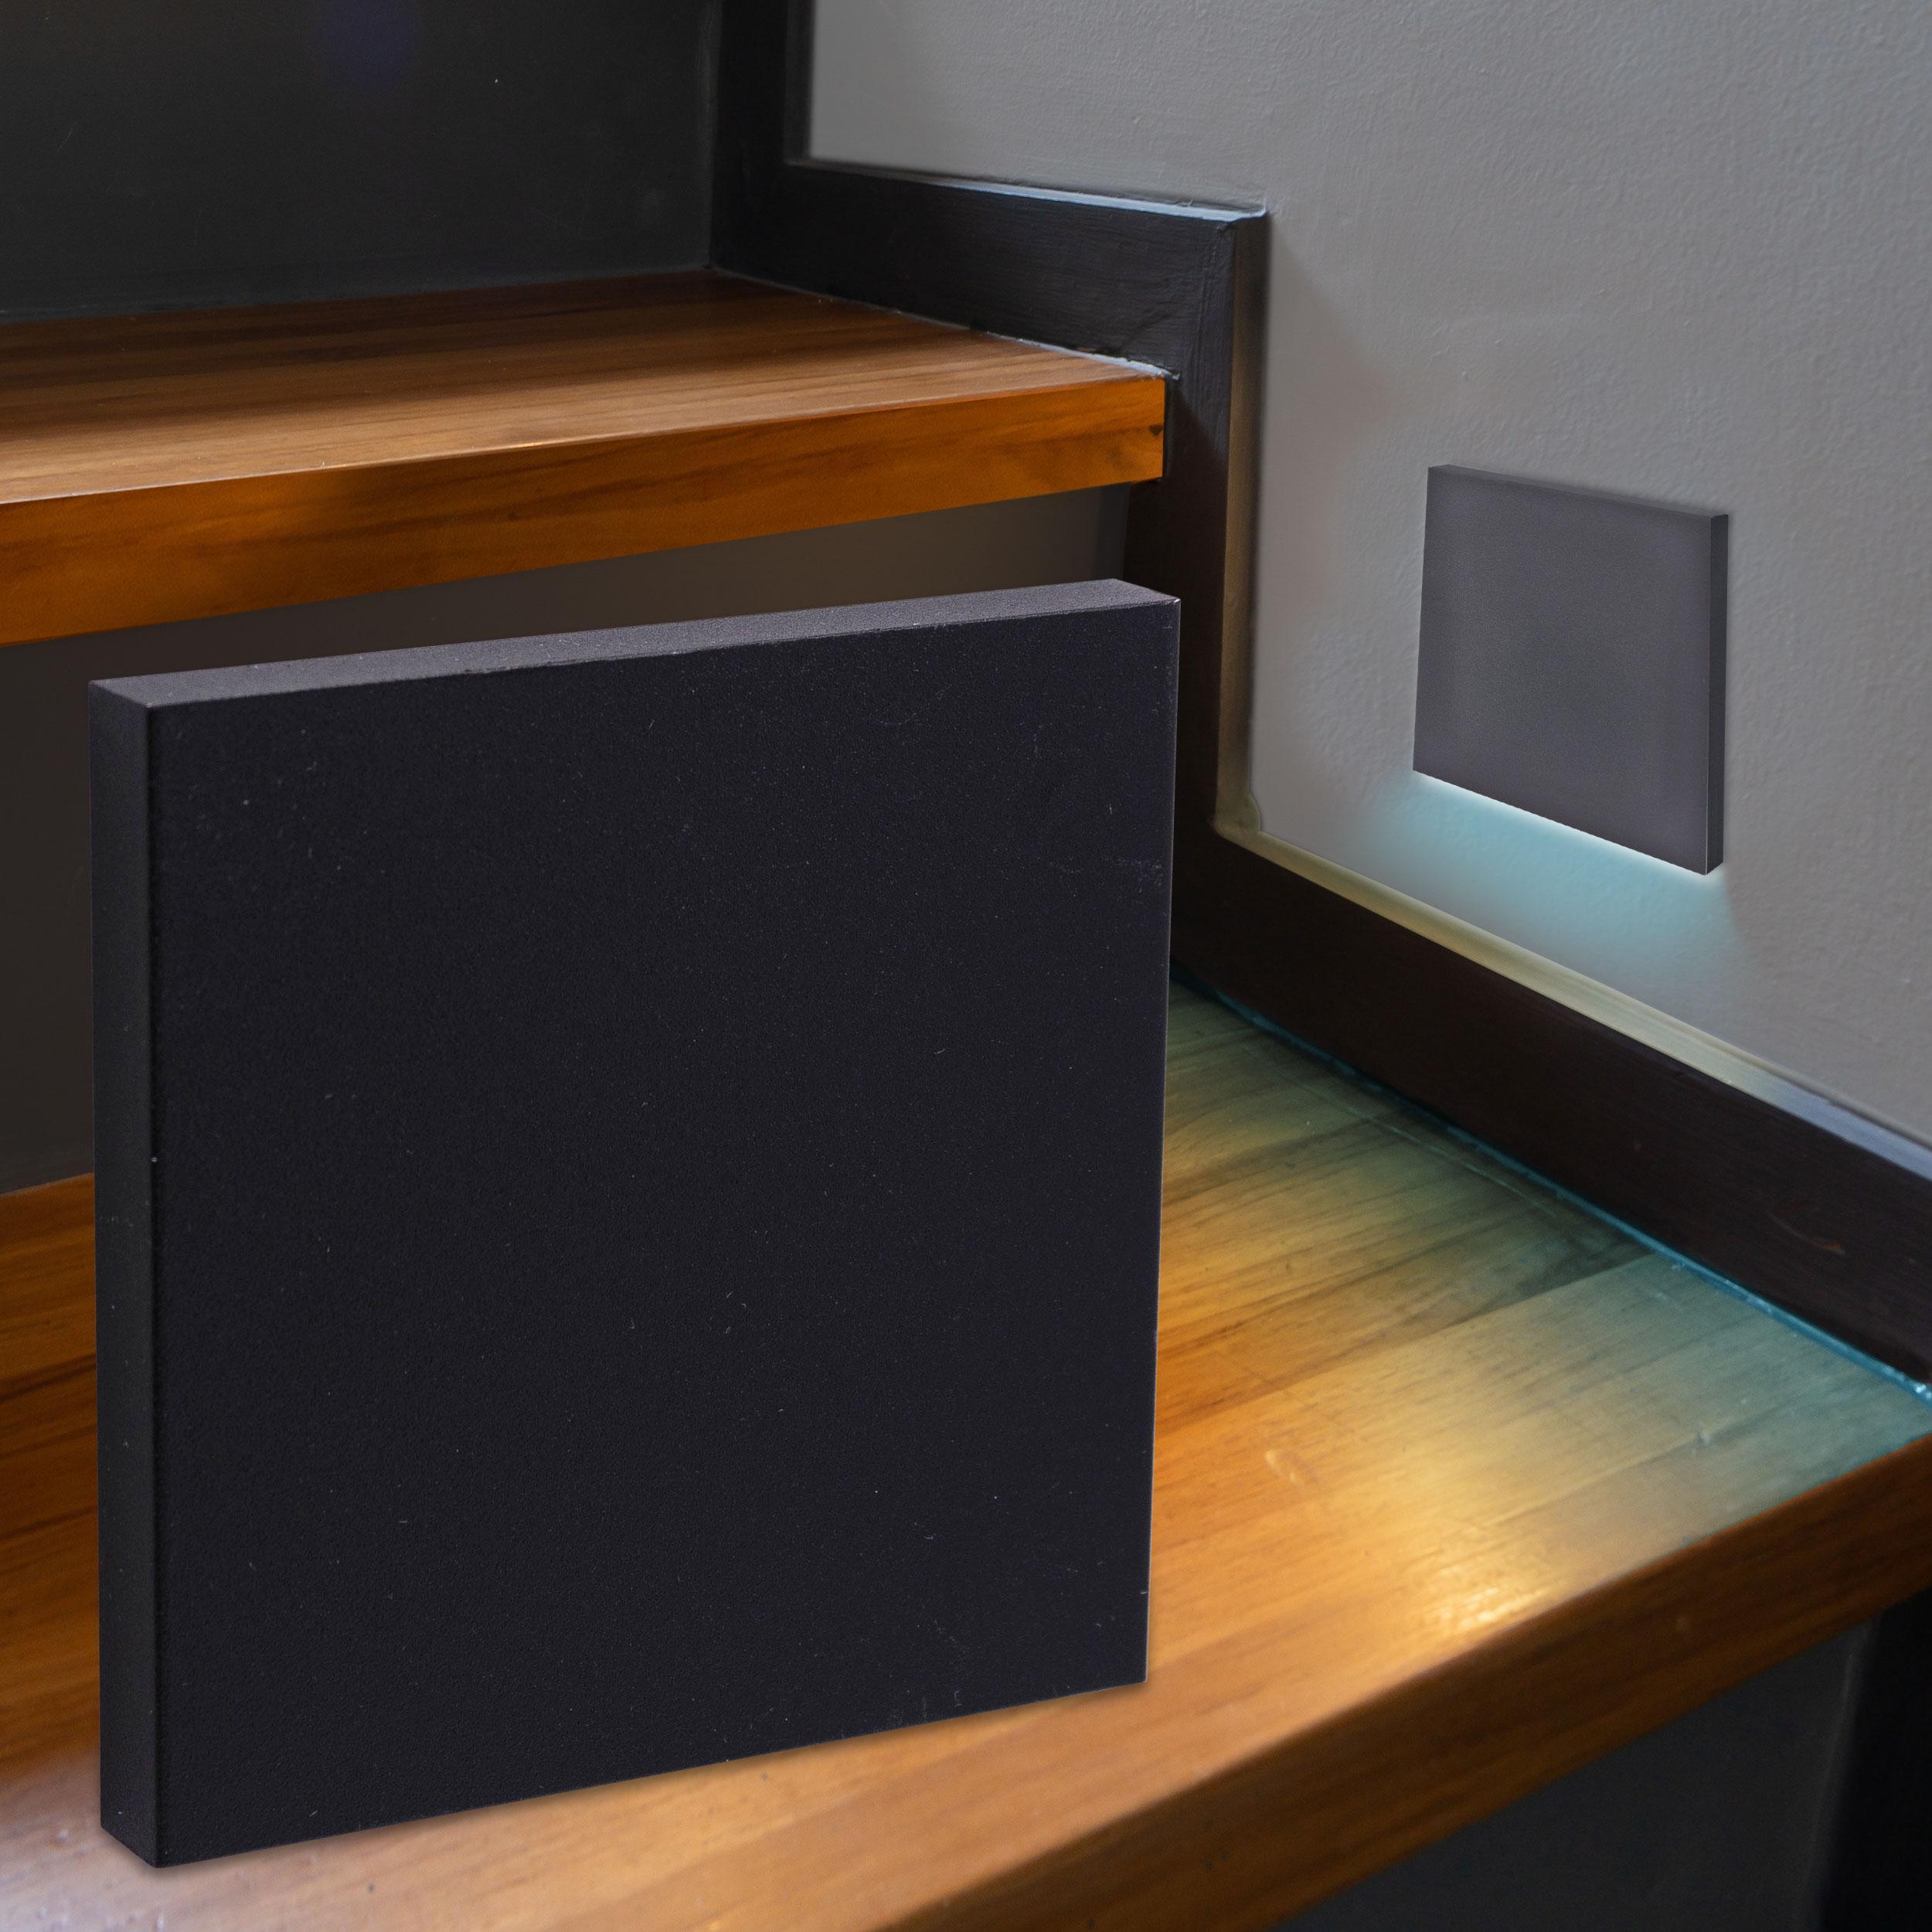 LED Treppenbeleuchtung Wandeinbauleuchte Kaltweiß 230V 1.5W schwarz Lichtaustritt unten